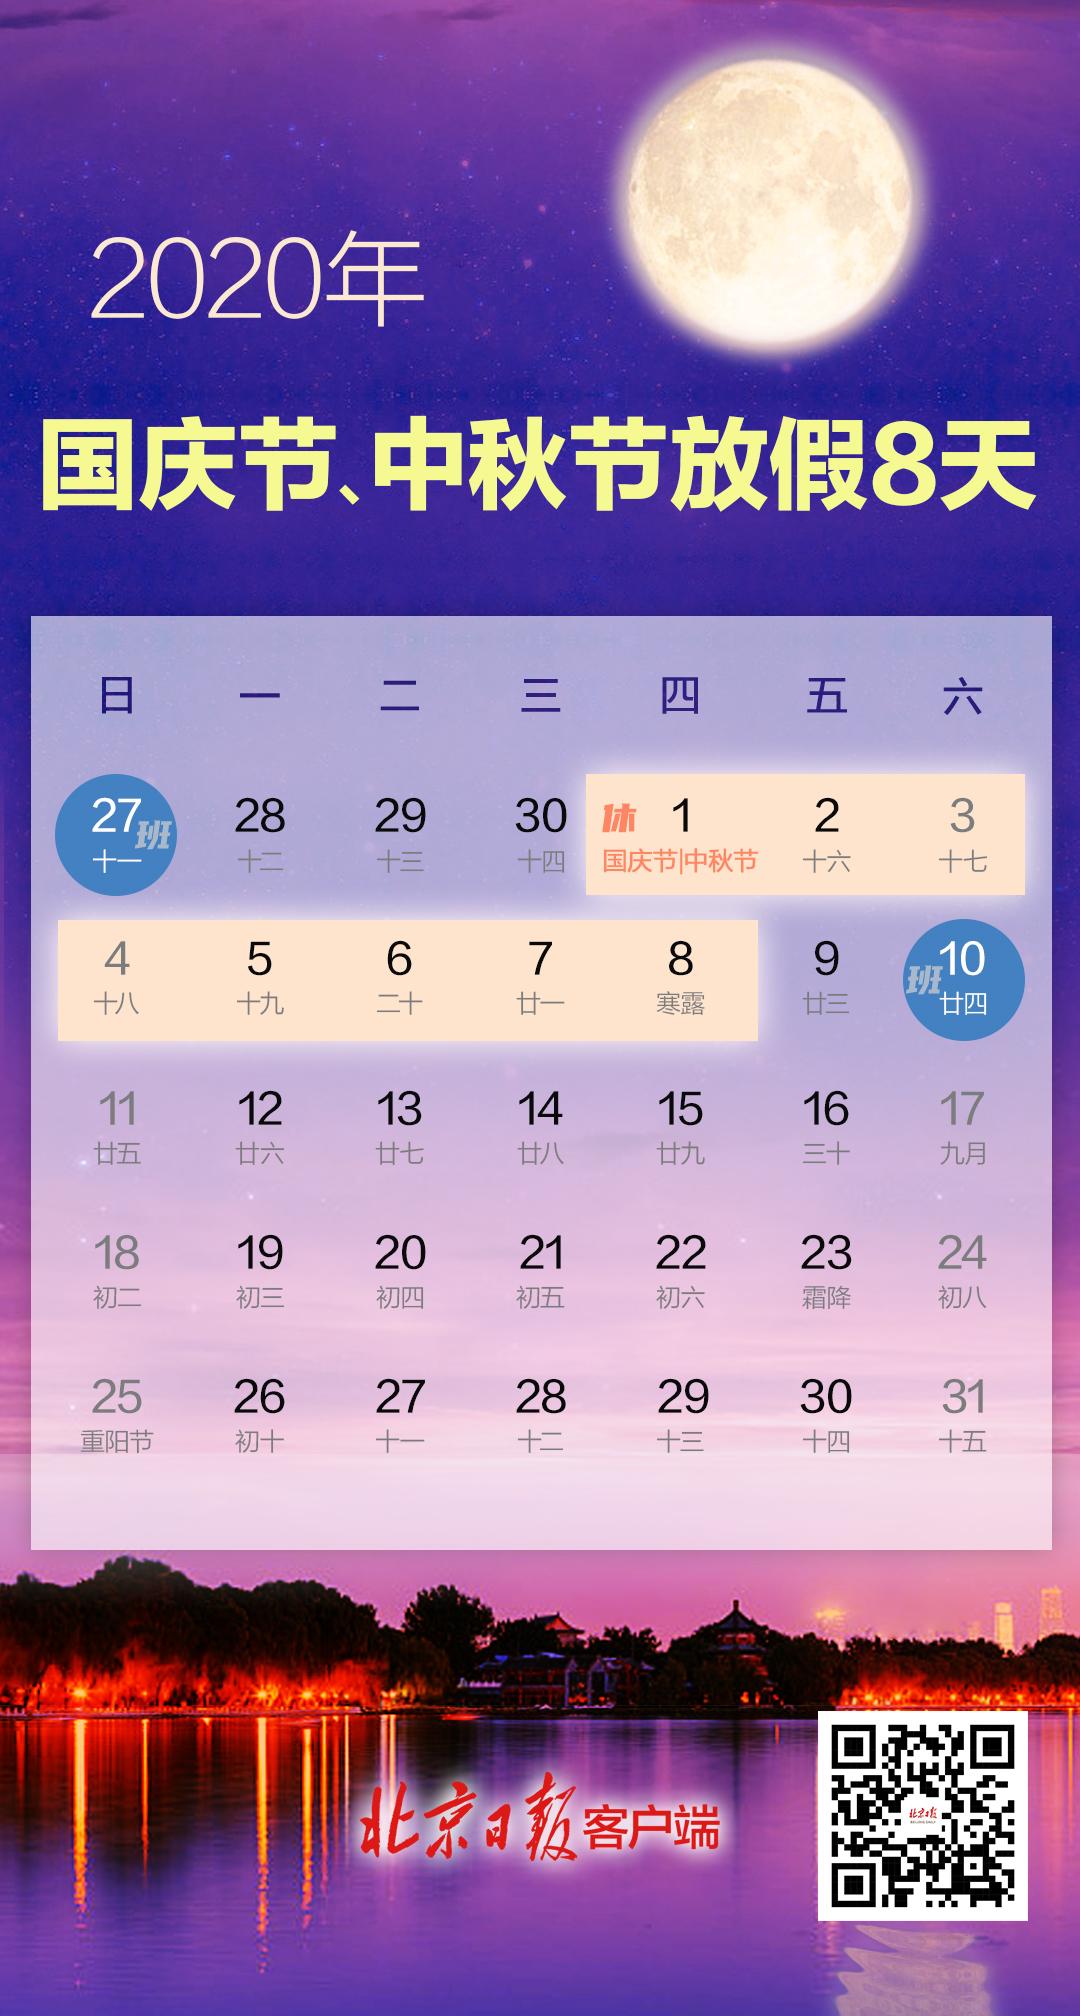 2020年国庆中秋连休8天